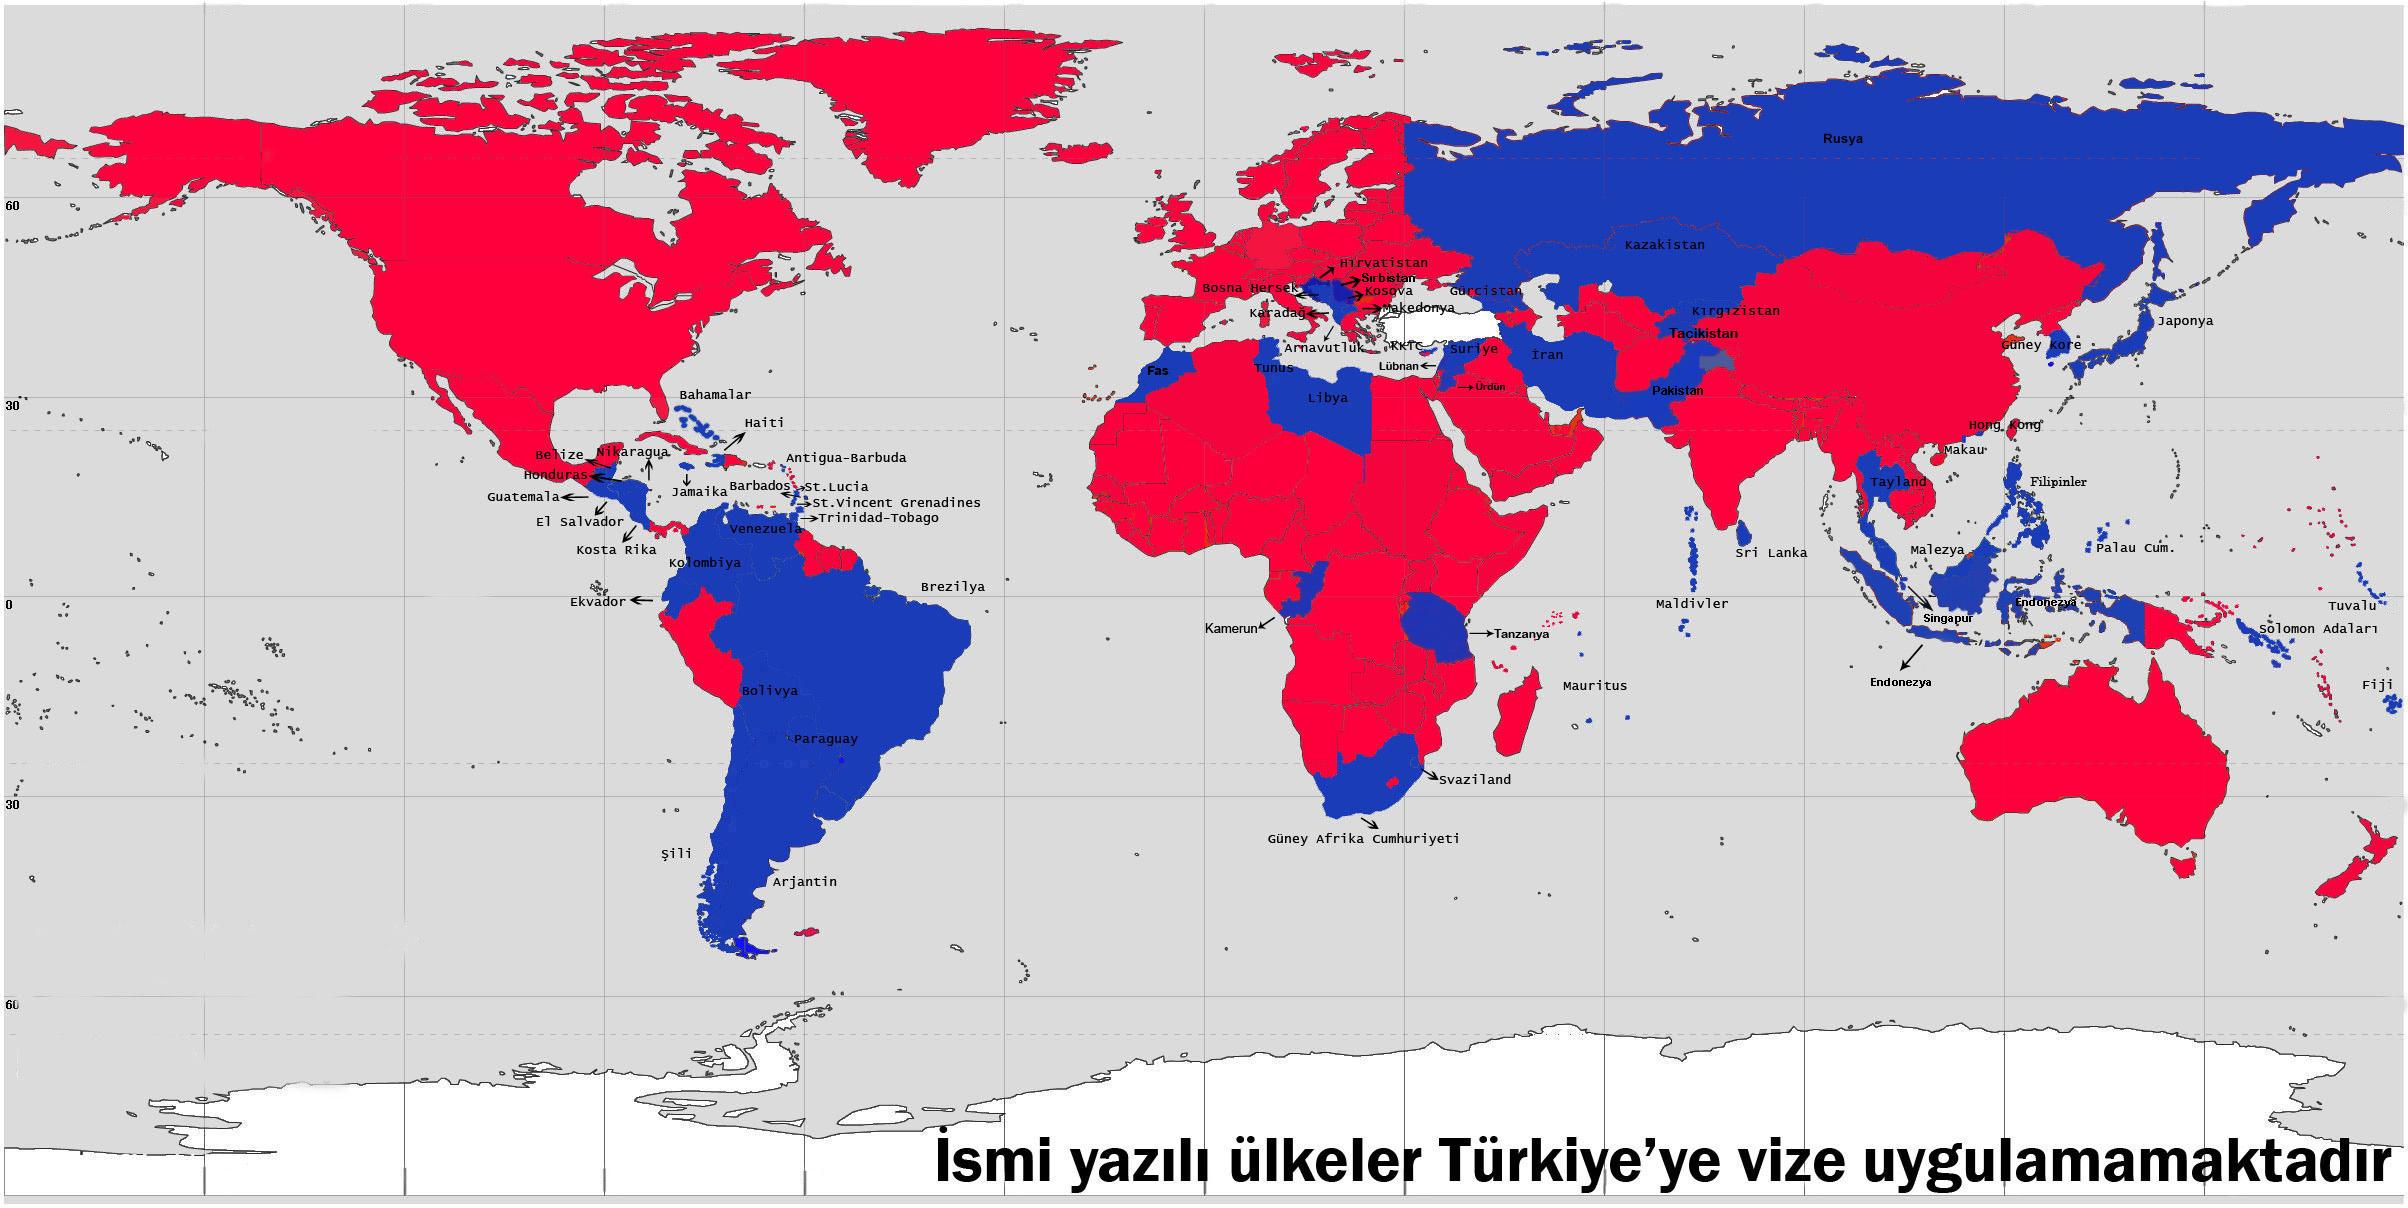 Türkiye ile sırbistan arasında imzalanan vize uygulamasının